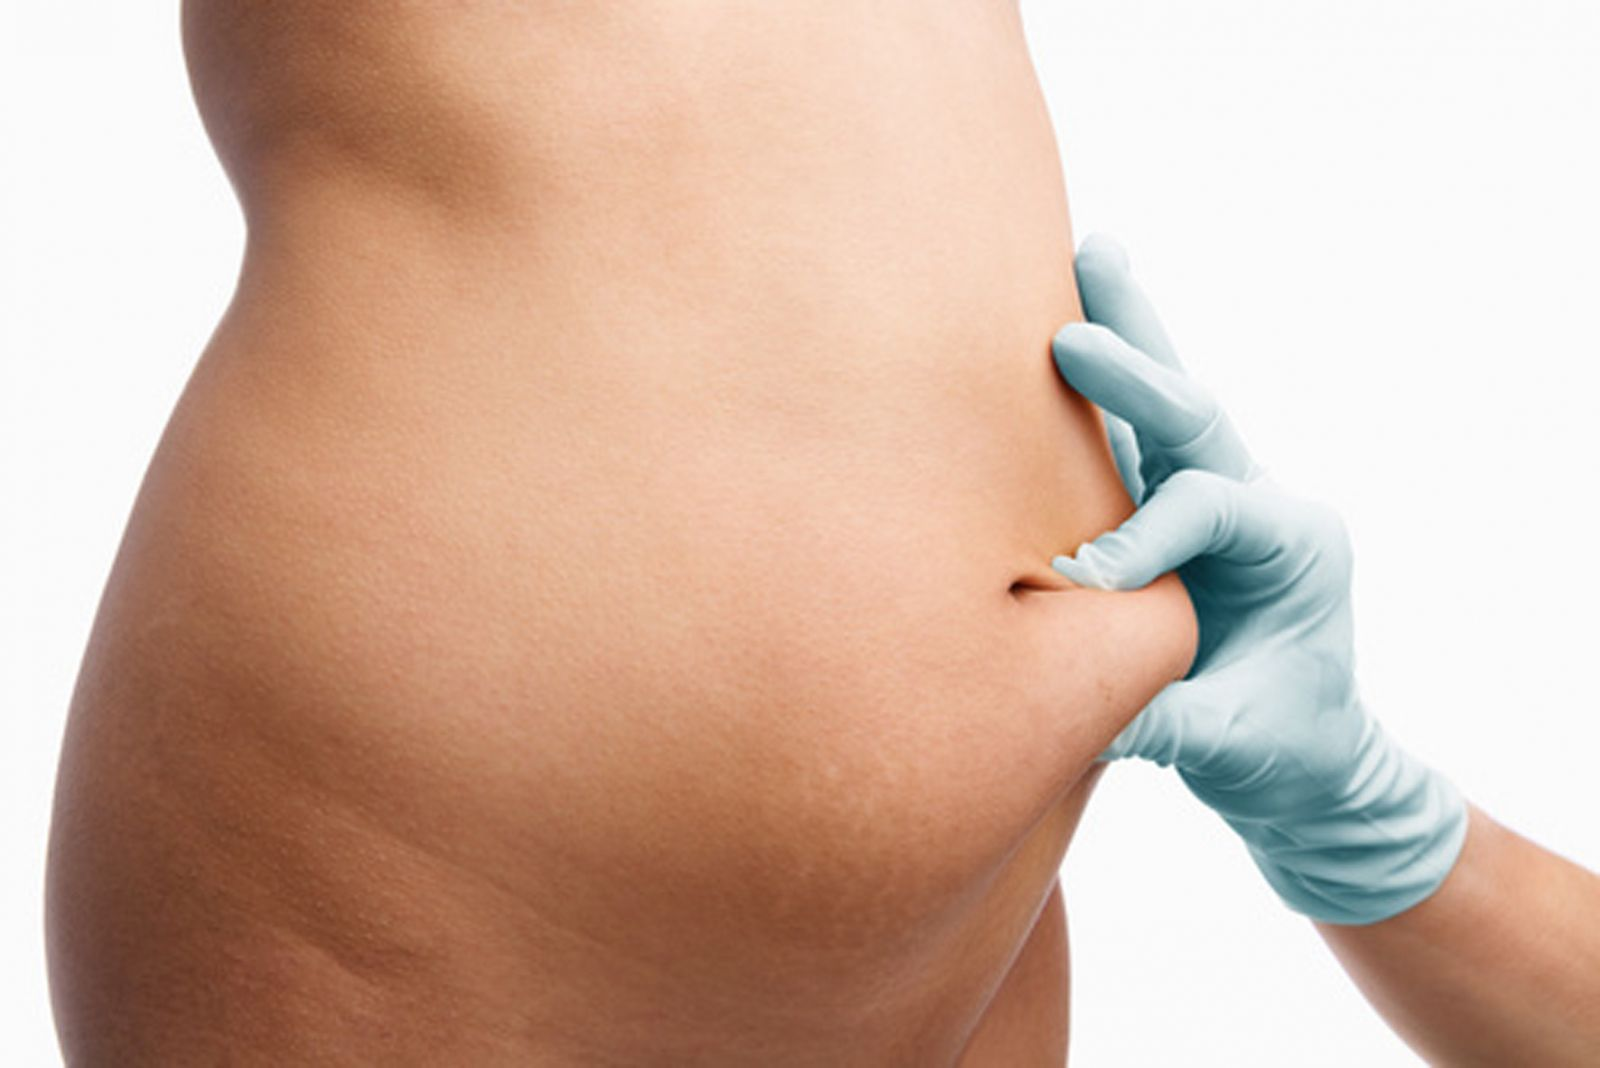 Абдоминопластику или подтяжку живота специалисты считают одной из наиболее травматичных операций в пластической хирургии – слишком велика поверхность, на которой приходится работать врачам.